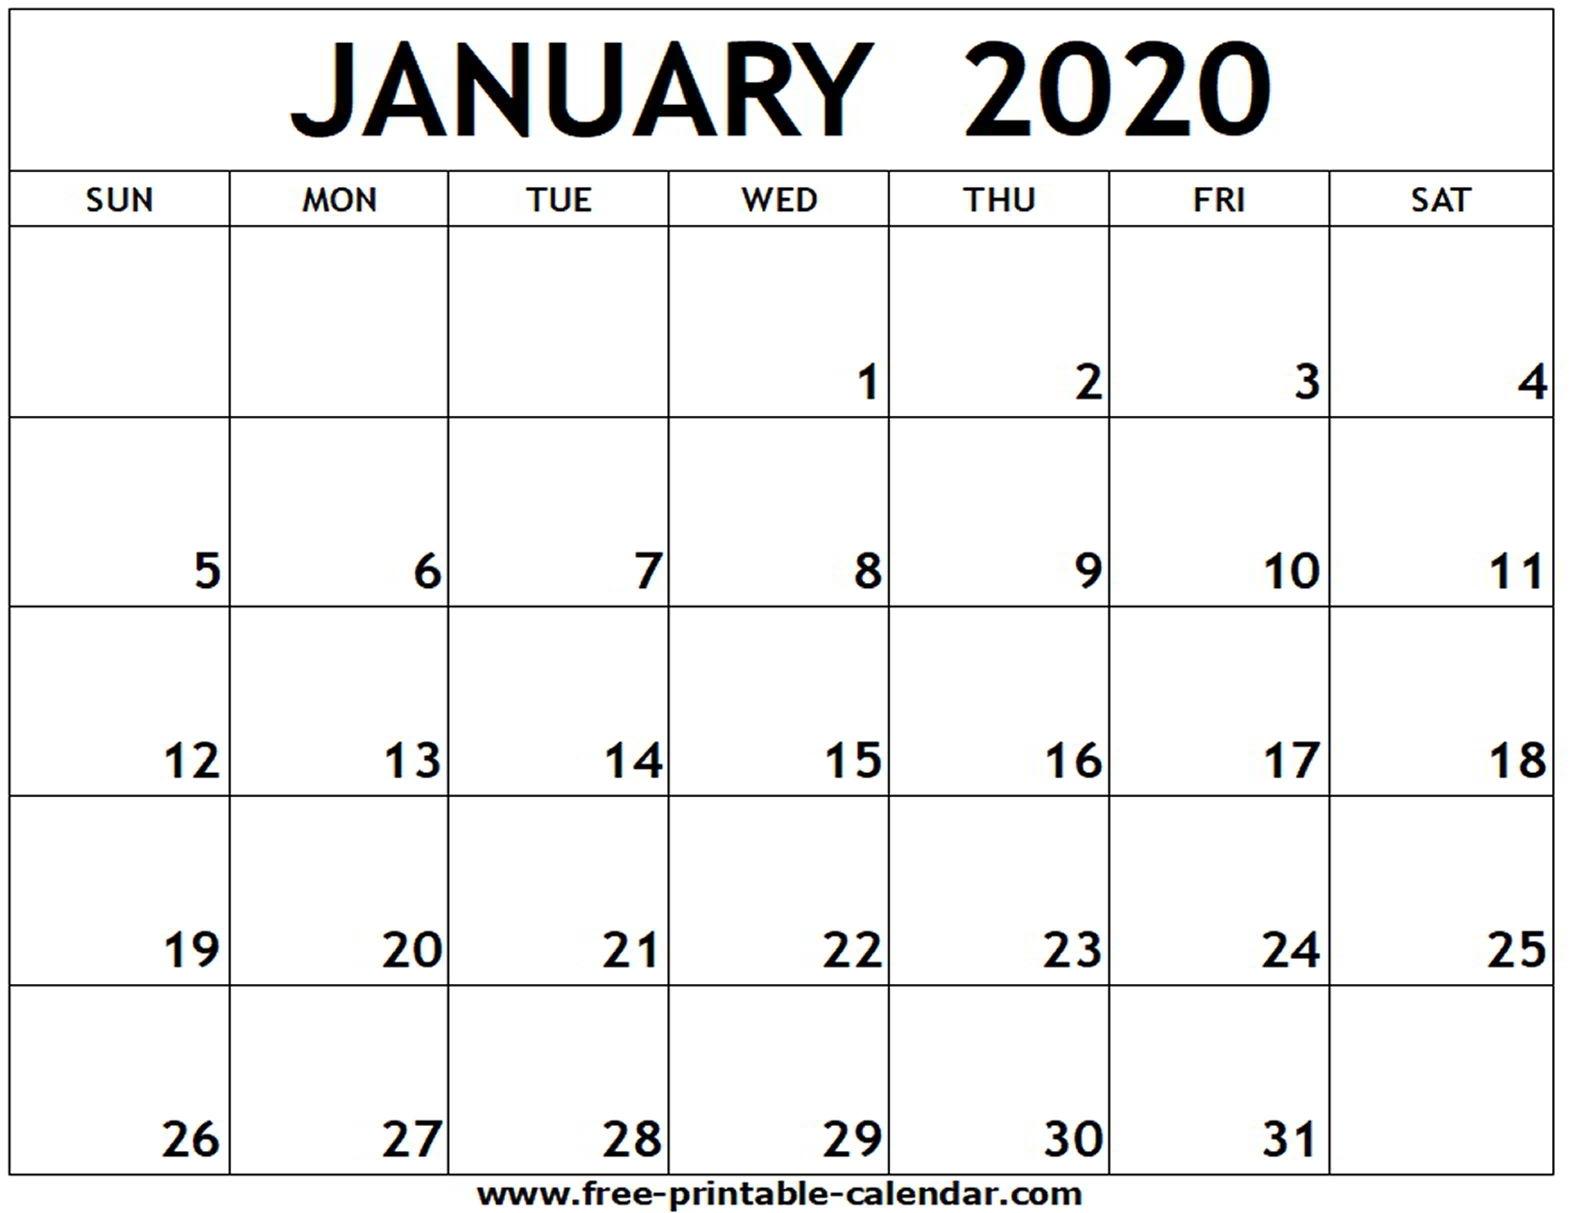 January 2020 Printable Calendar - Free-Printable-Calendar with regard to Fill In Calendar 2020 Printable